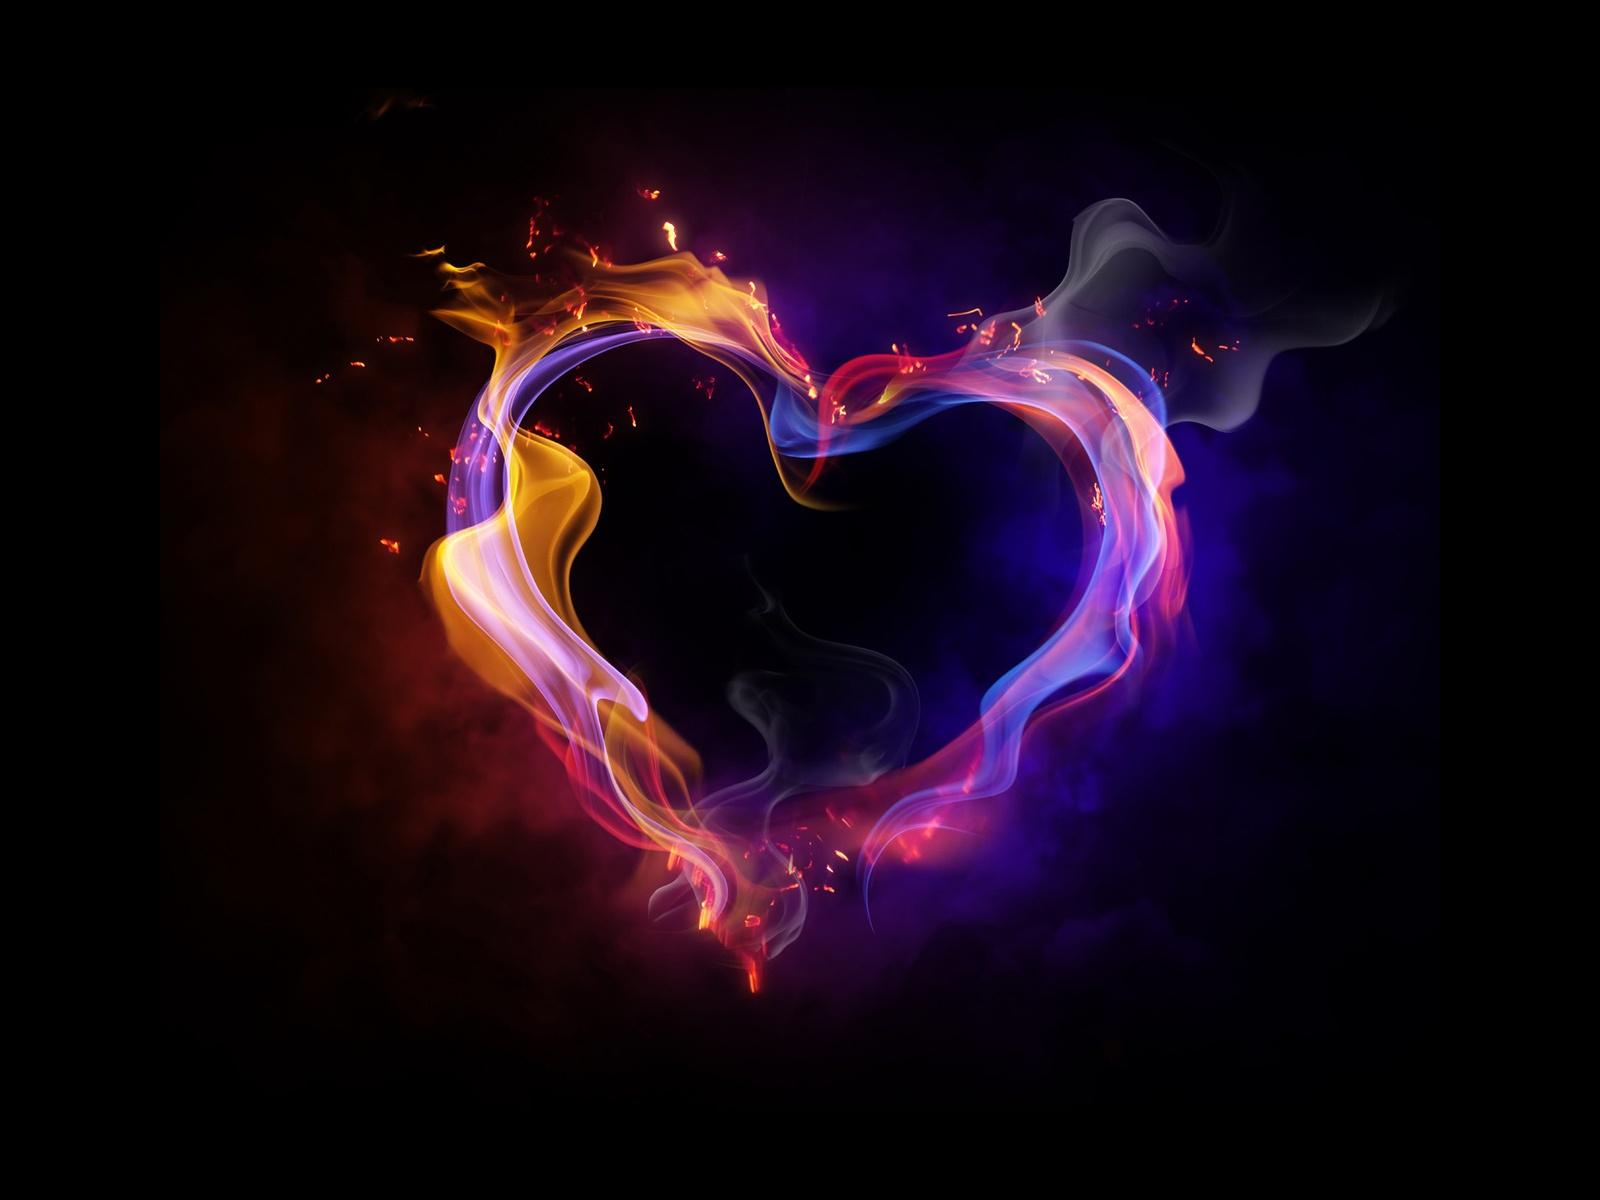 L'amore…è la direzione in cui andiamo.